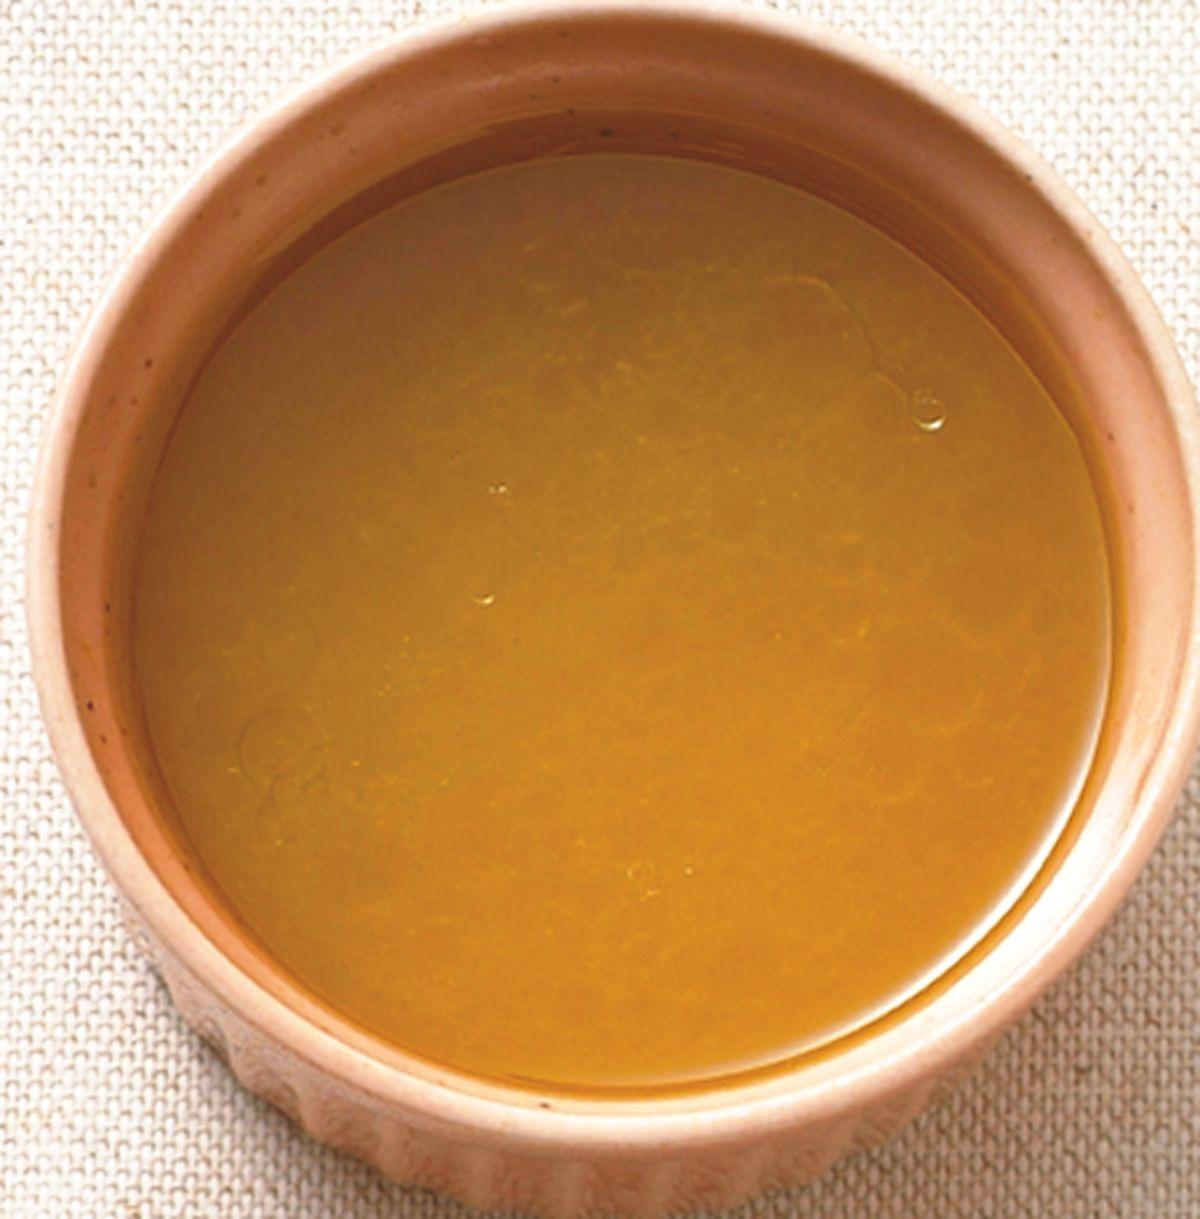 食譜:橙汁油醋醬